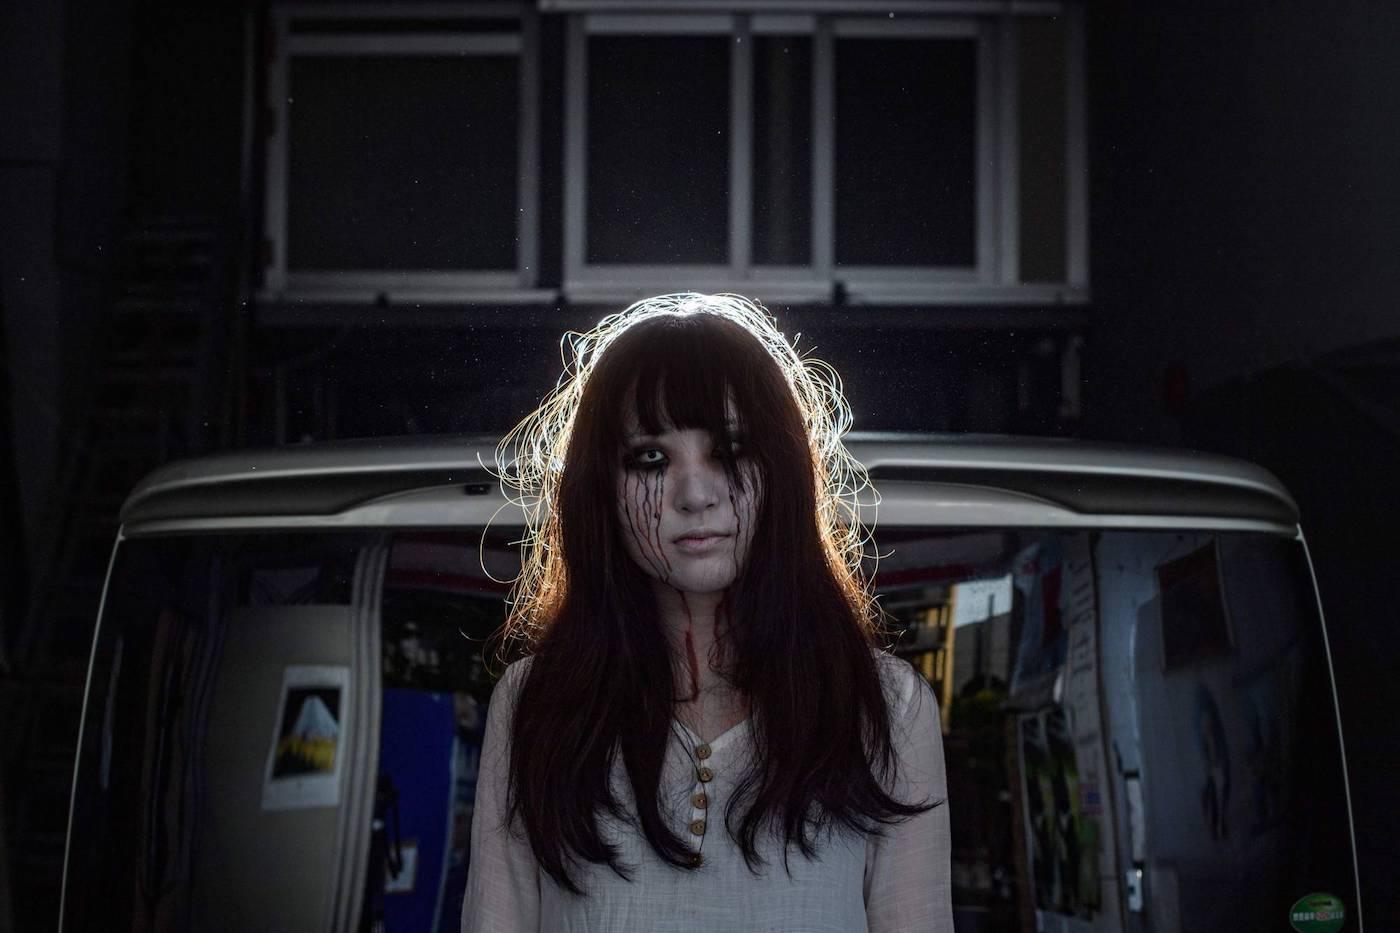 Au Japon, une maison hantée à faire en voiture pour conserver les gestes barrières